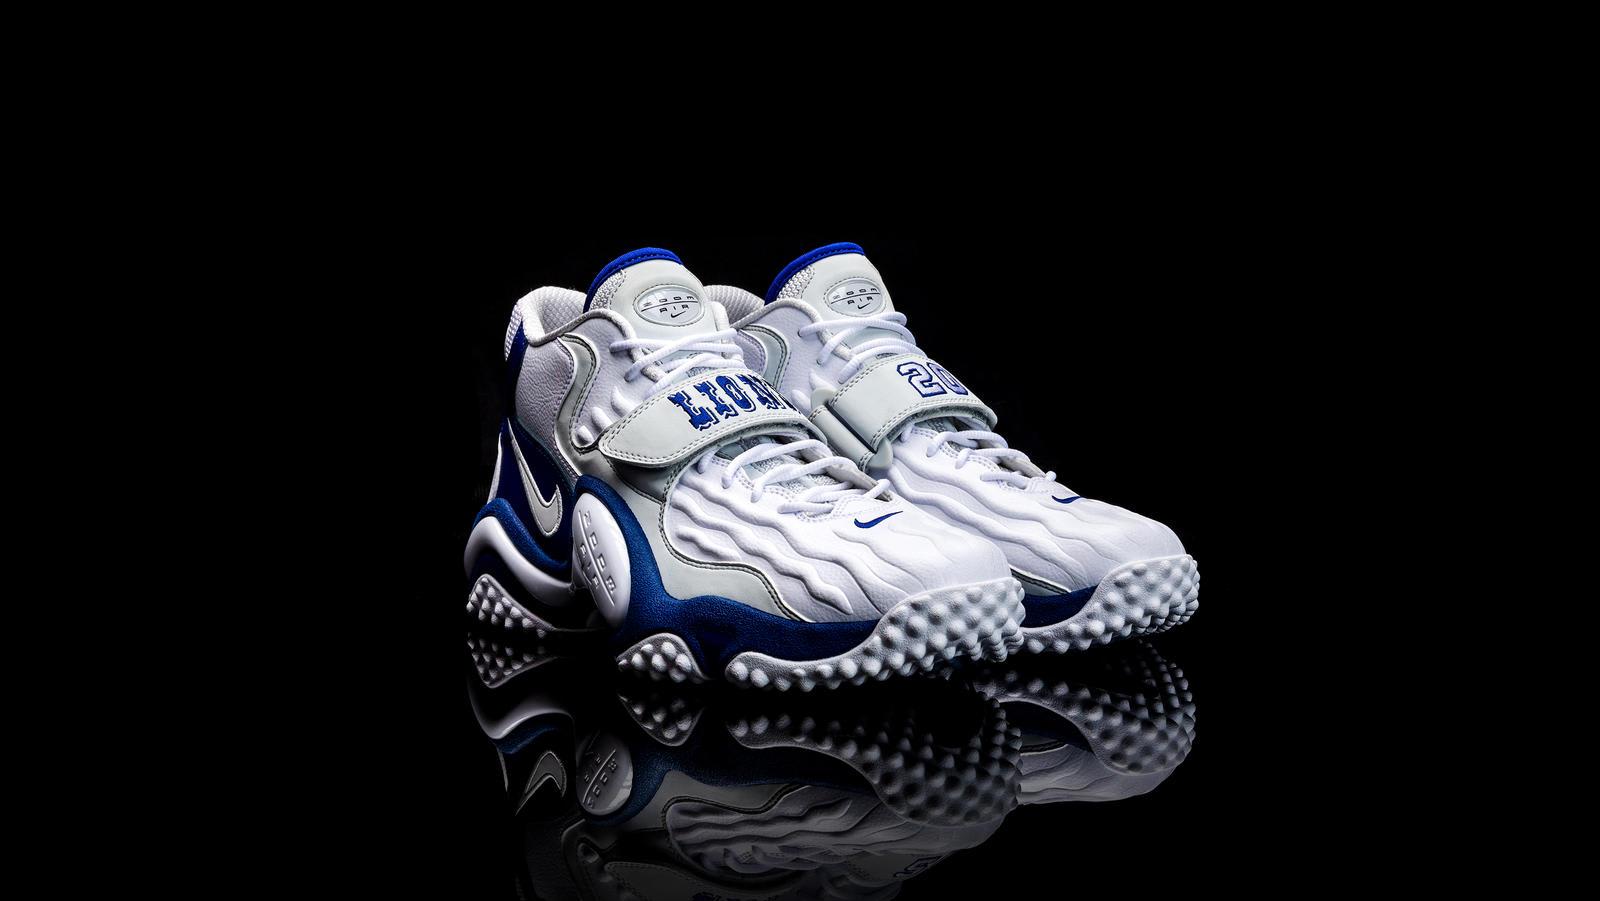 Nike Air Zoom Turf Jet 97 'Barry Sanders' (Pair Right)